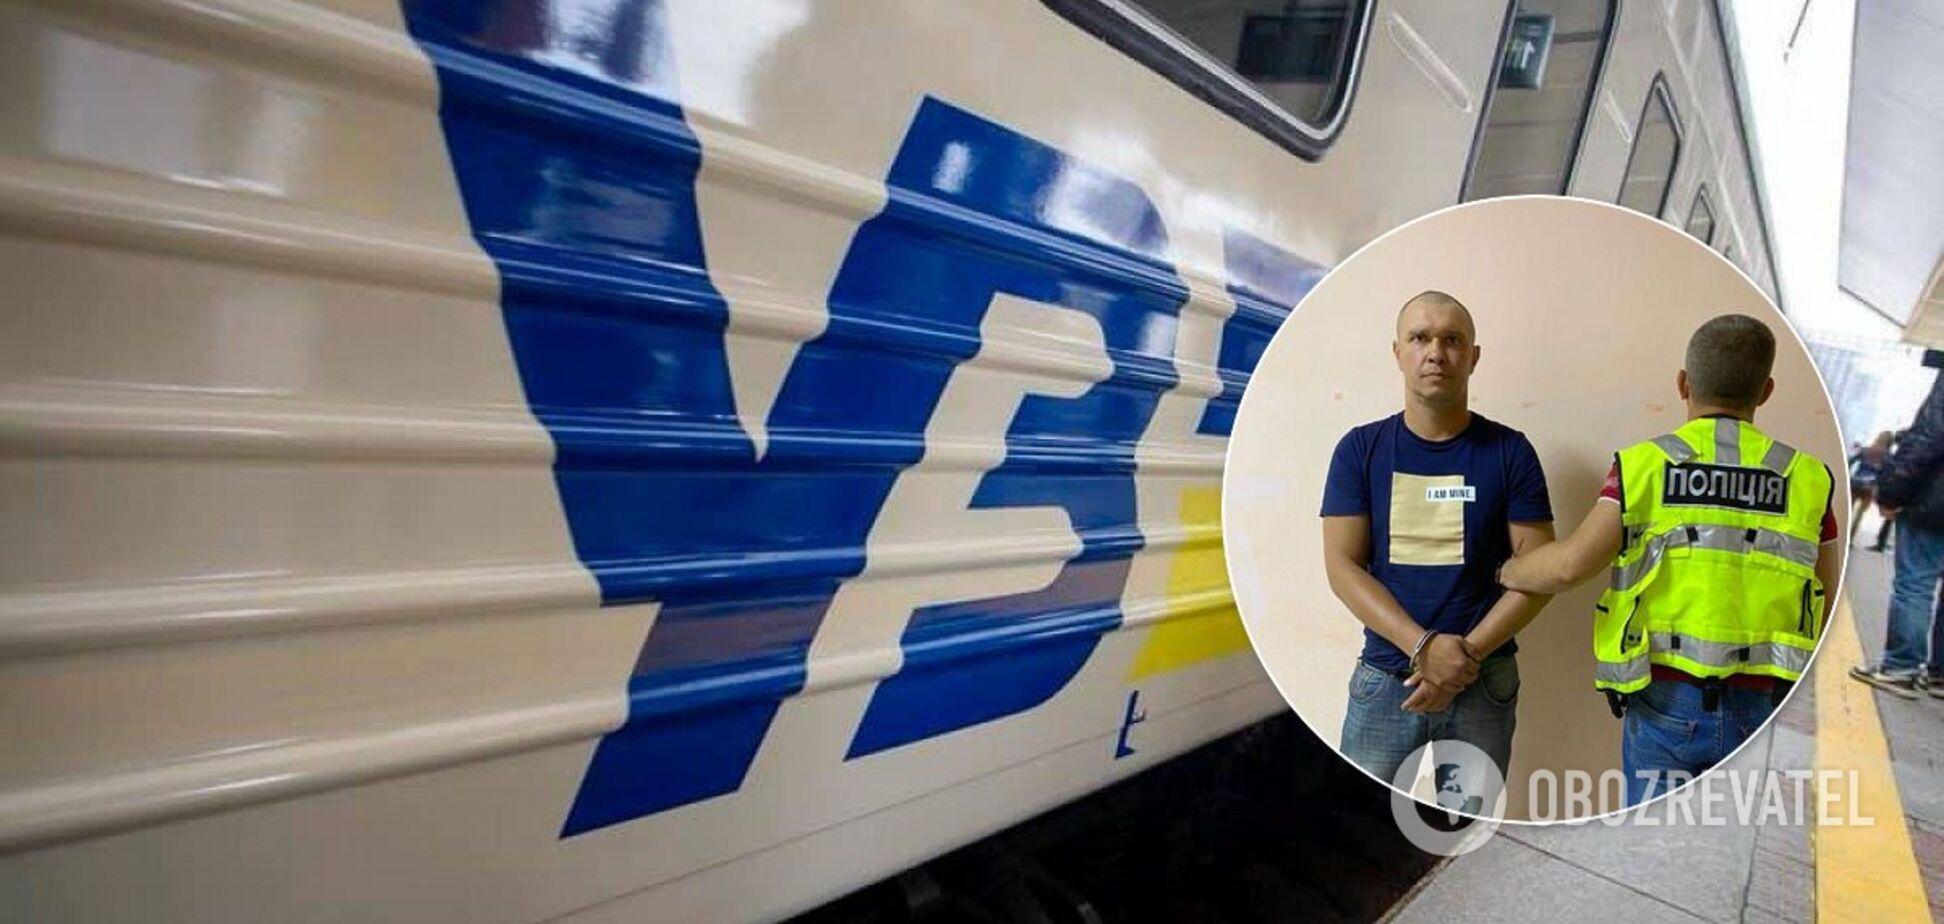 Опубликовано фото мужчины, который хотел изнасиловать женщину в поезде Мариуполь-Киев